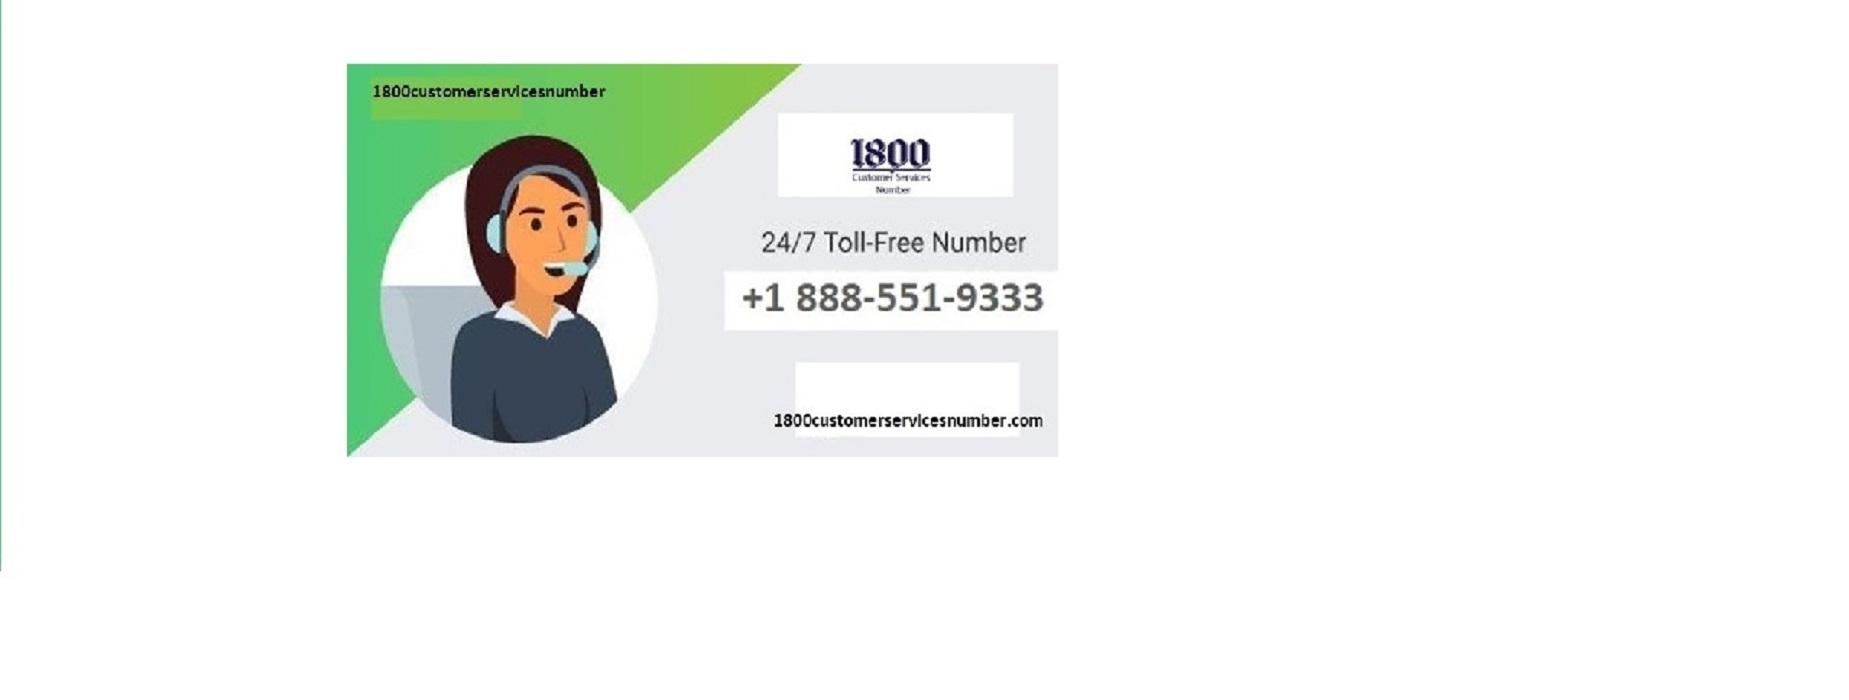 1800customerservicesnumber (@1800customerservicesnumber) Cover Image